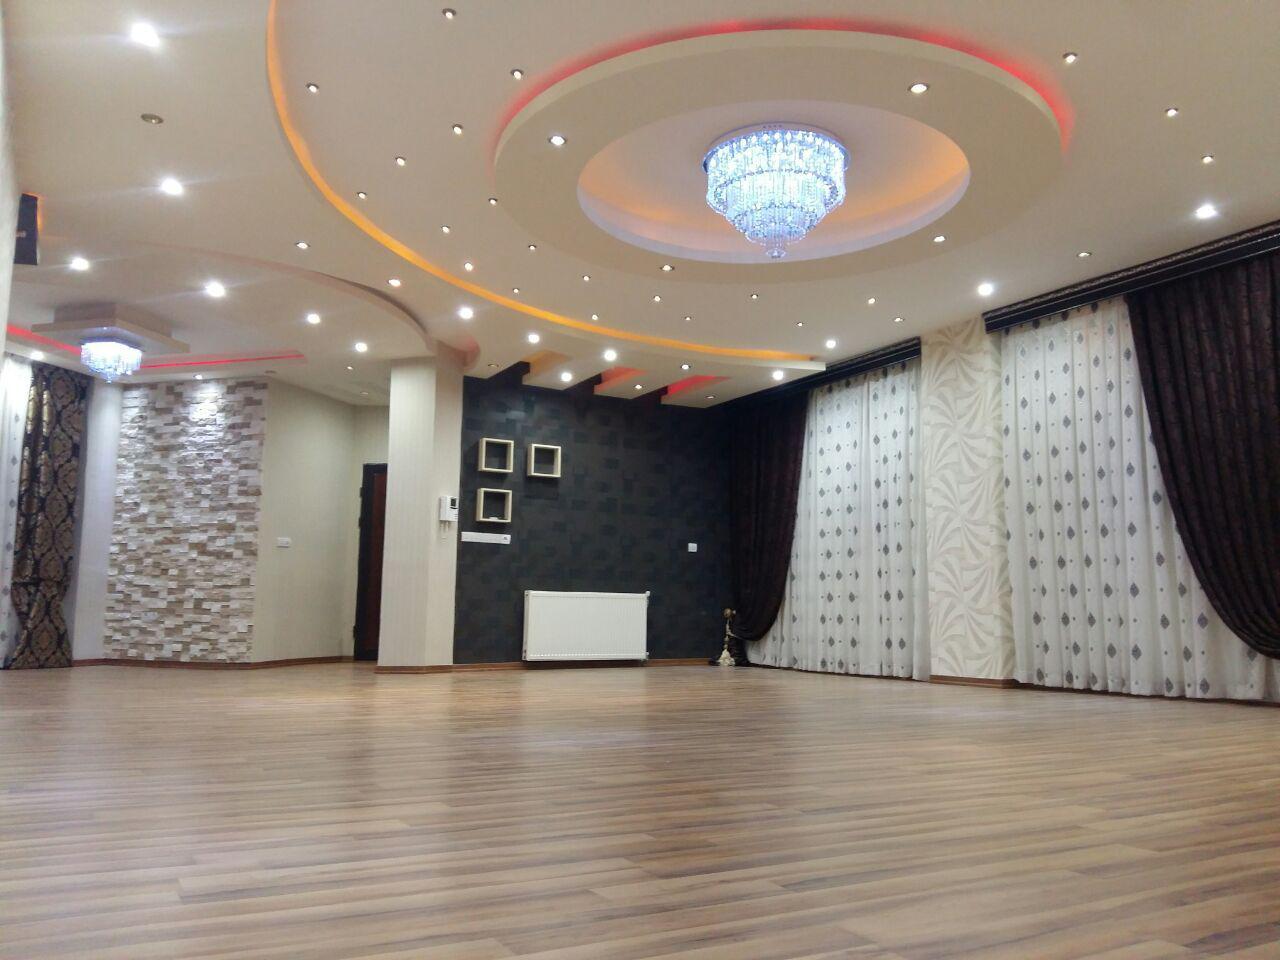 فروش طبقه اول از آپارتمان 6 طبقه در شهرک آزادی